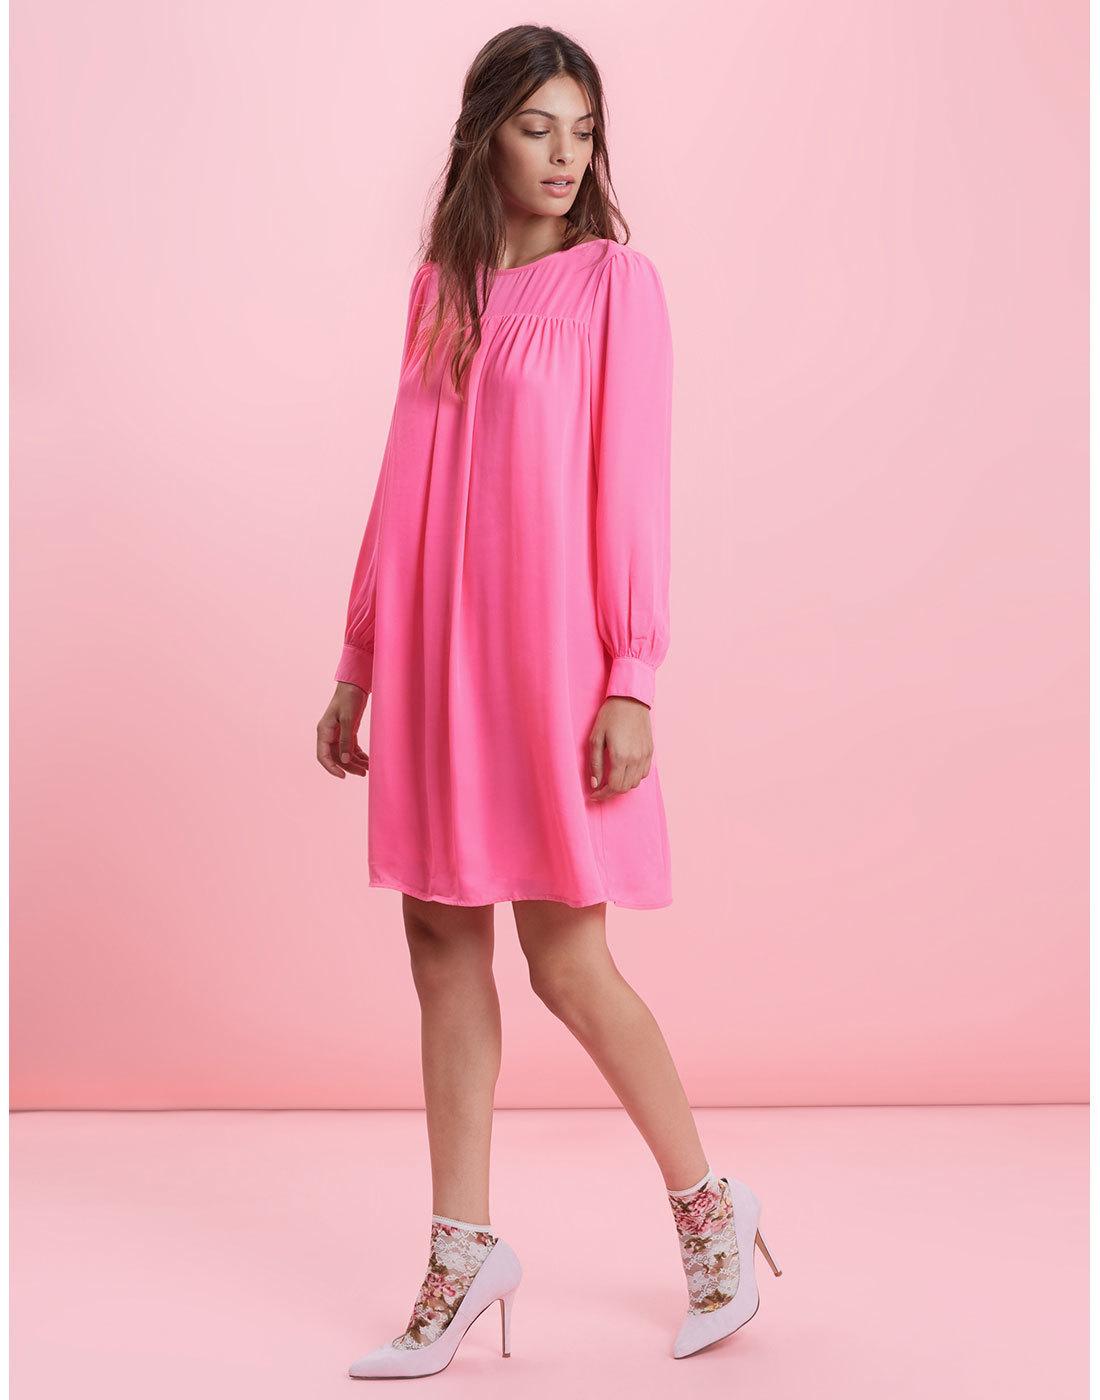 Little Secret TRAFFIC PEOPLE Retro 60s Dress Pink